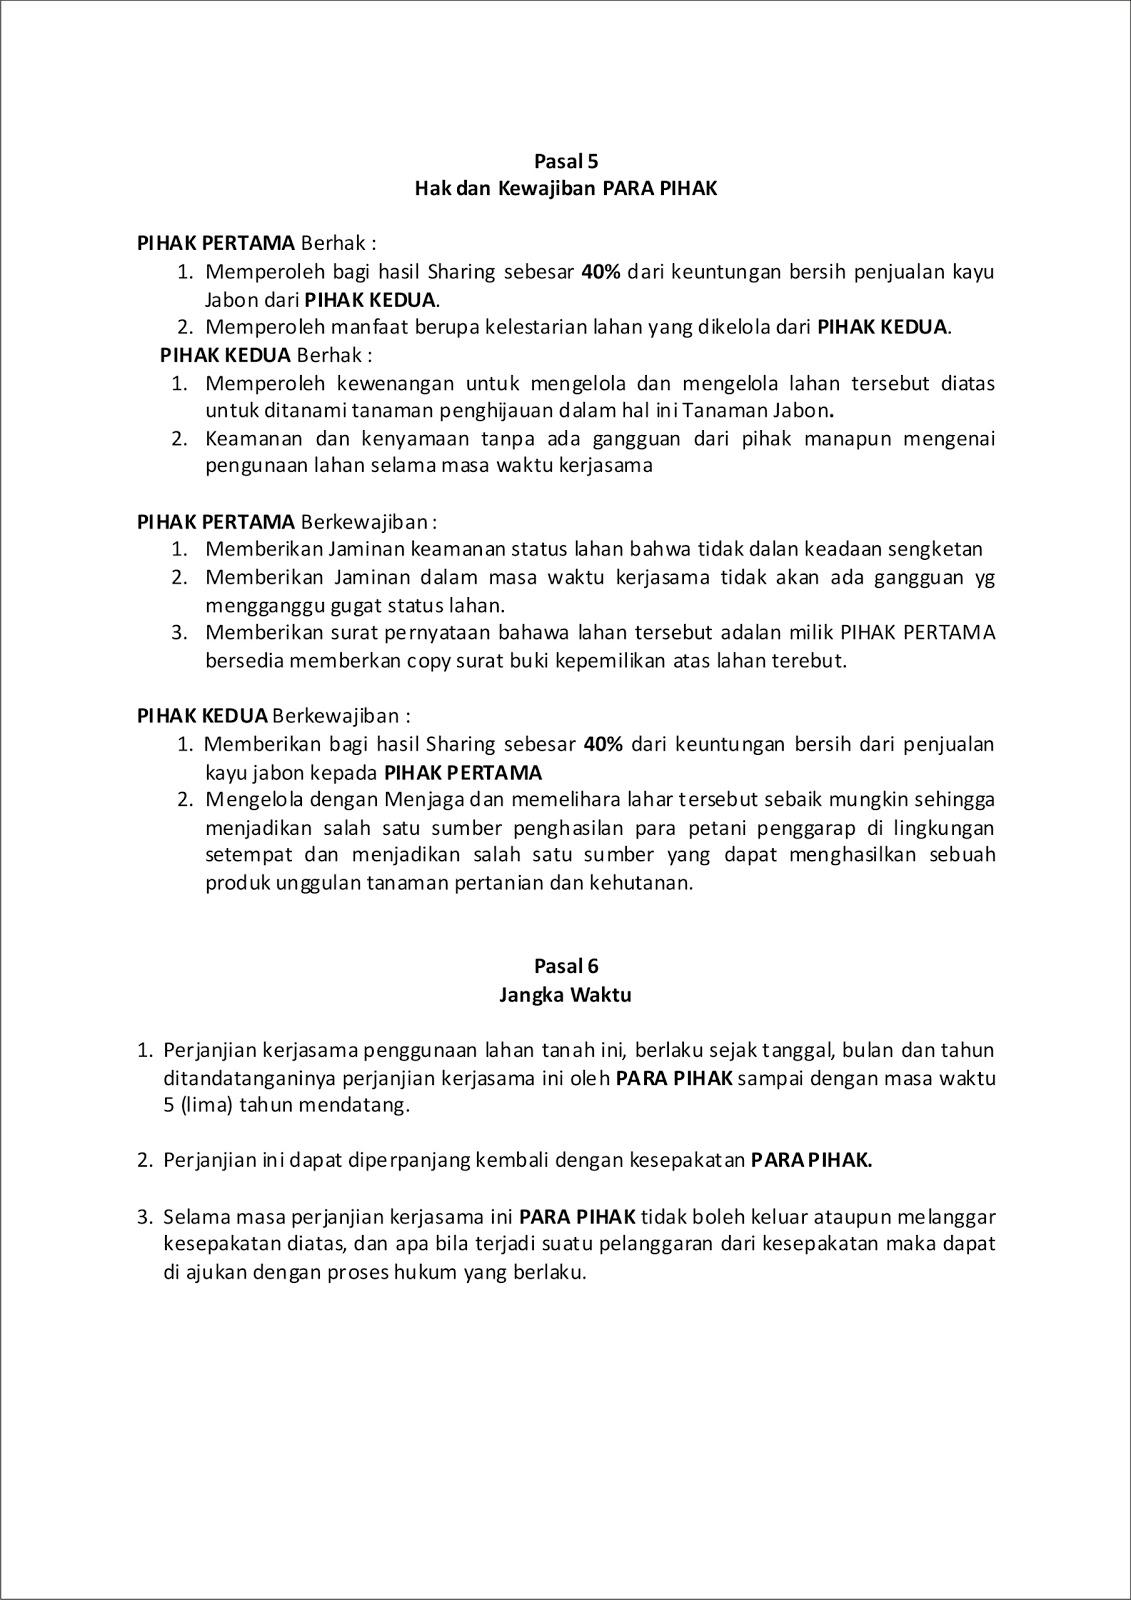 Contoh Surat Perjanjian Kerjasama Investasi Forex 3 Parasta